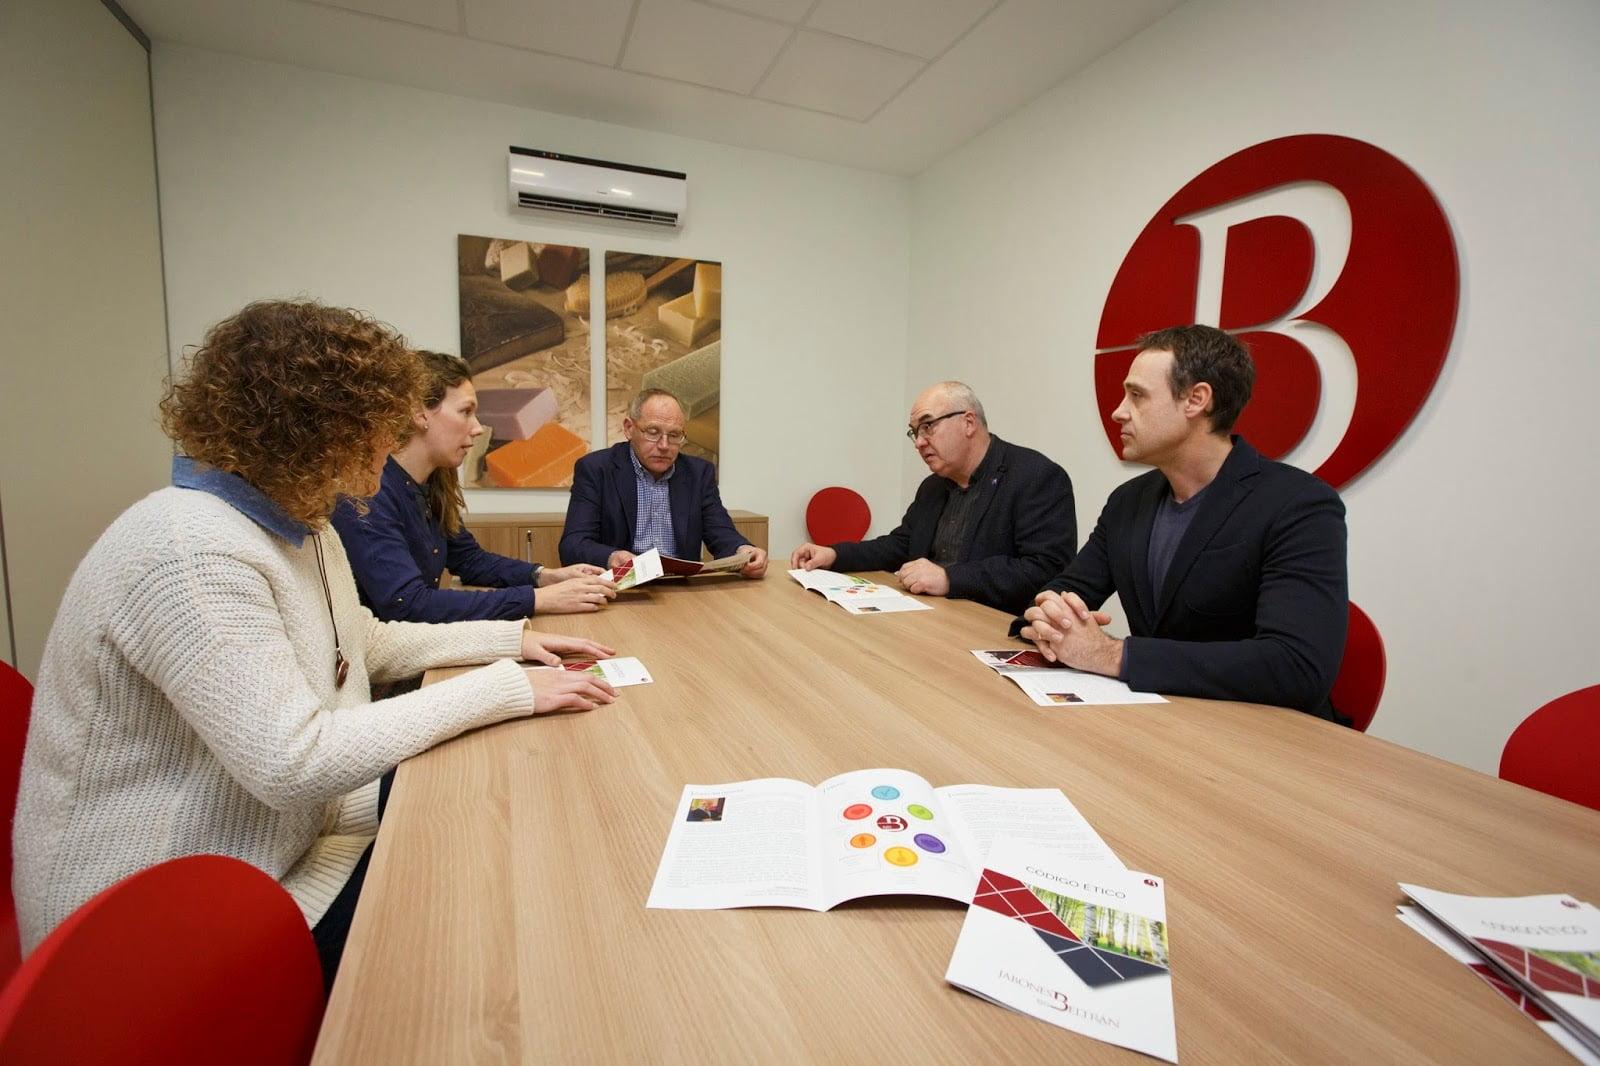 Jabones Beltrán reconocida como la empresa familiar más antigua de España en su sector